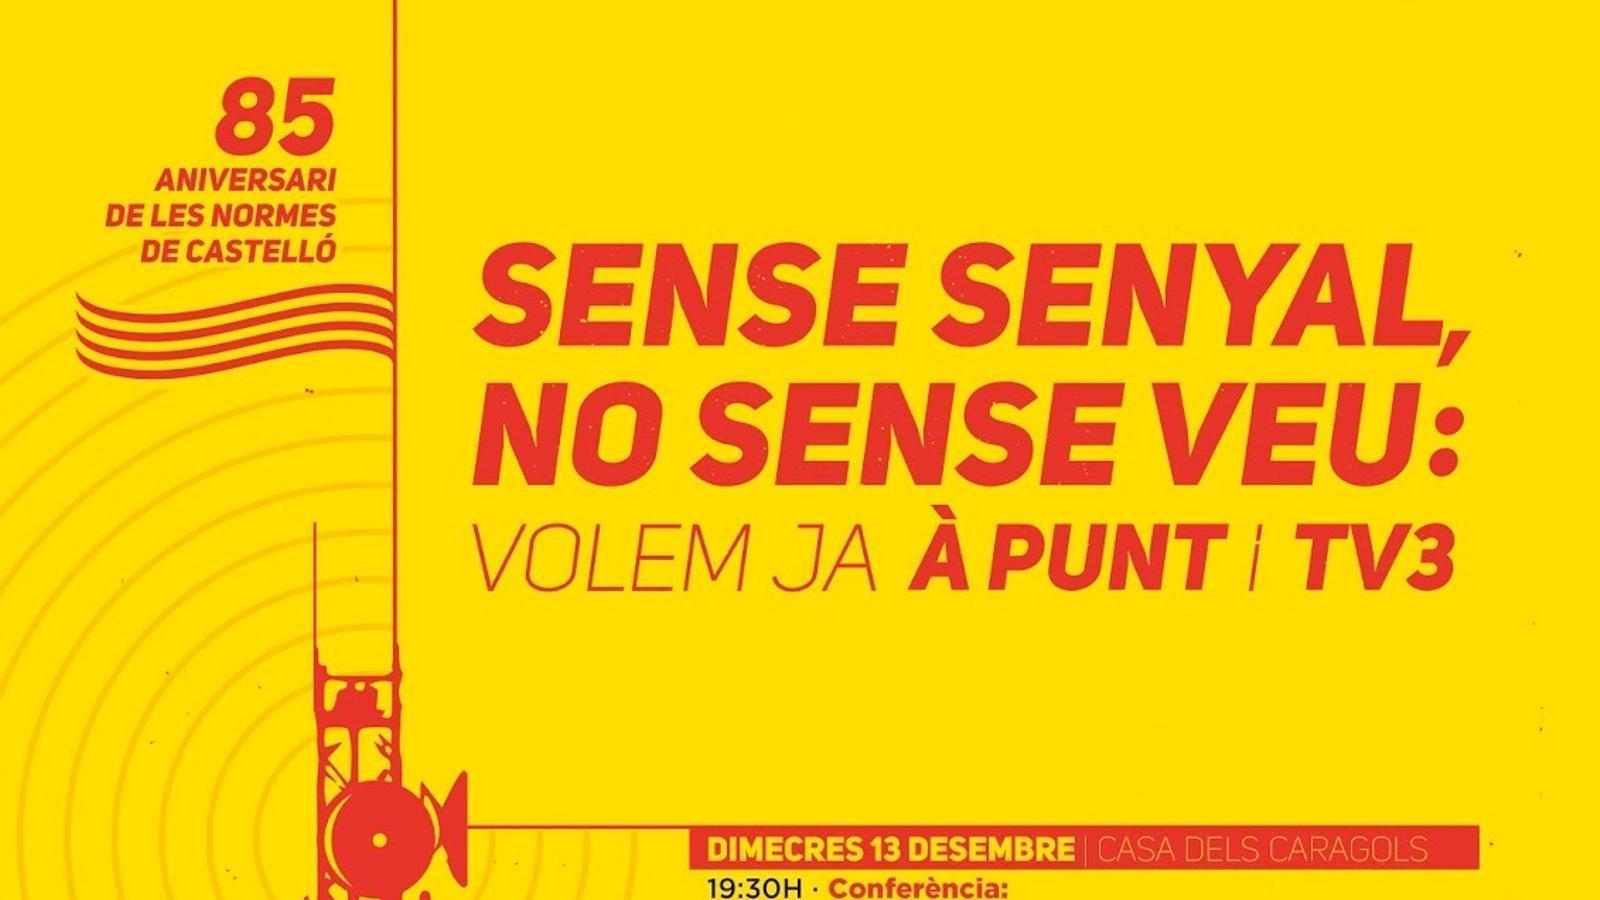 Cartell de la jornada commemorativa del 85 aniversari de les Normes de Castelló.